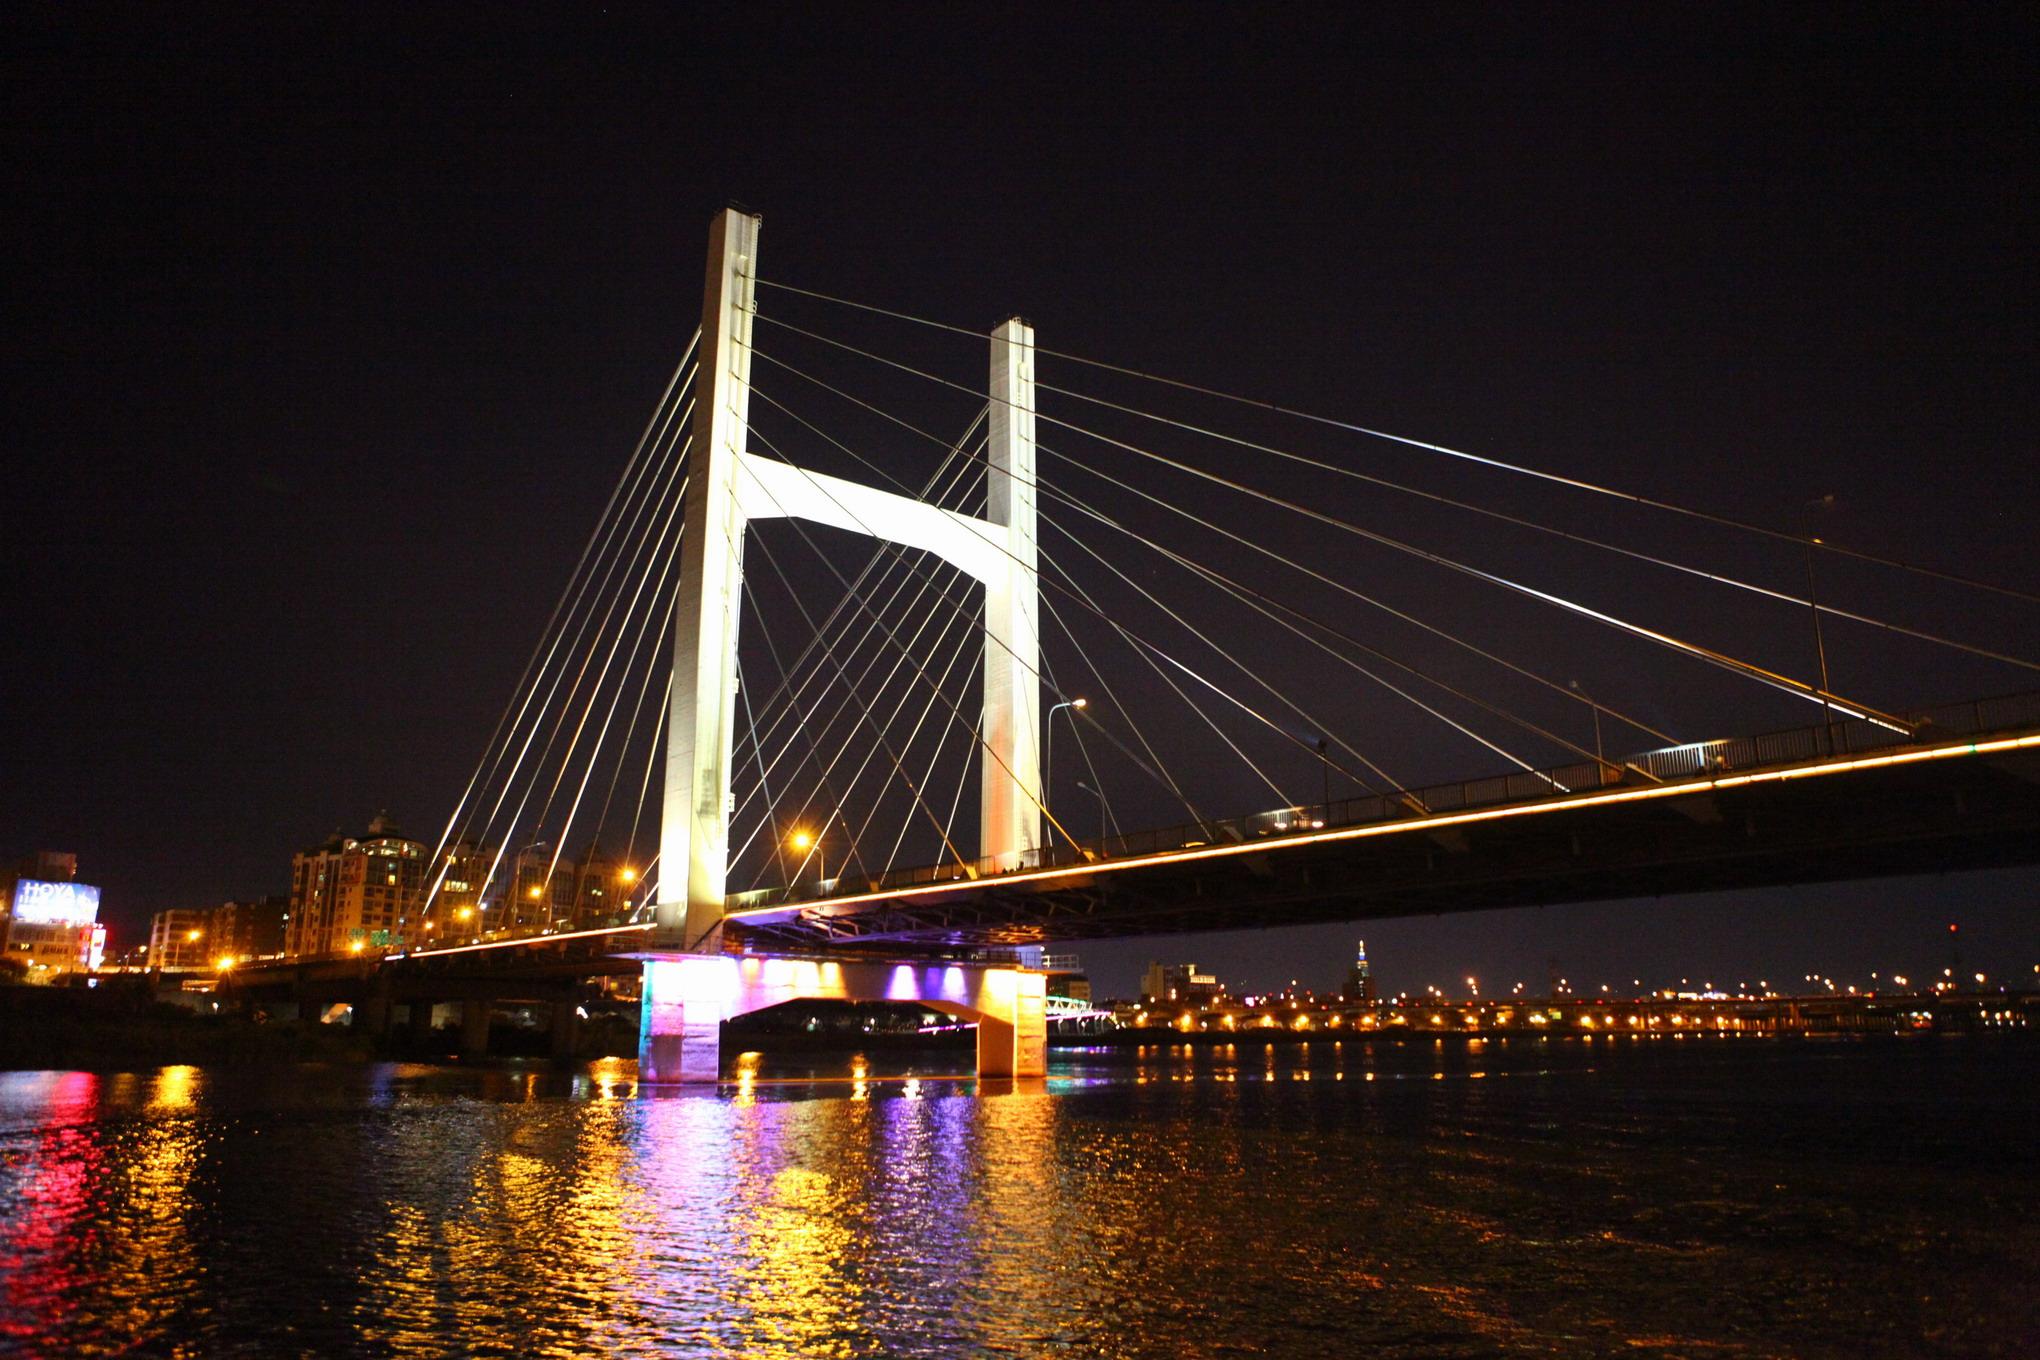 藍色公路夜航經過重陽大橋